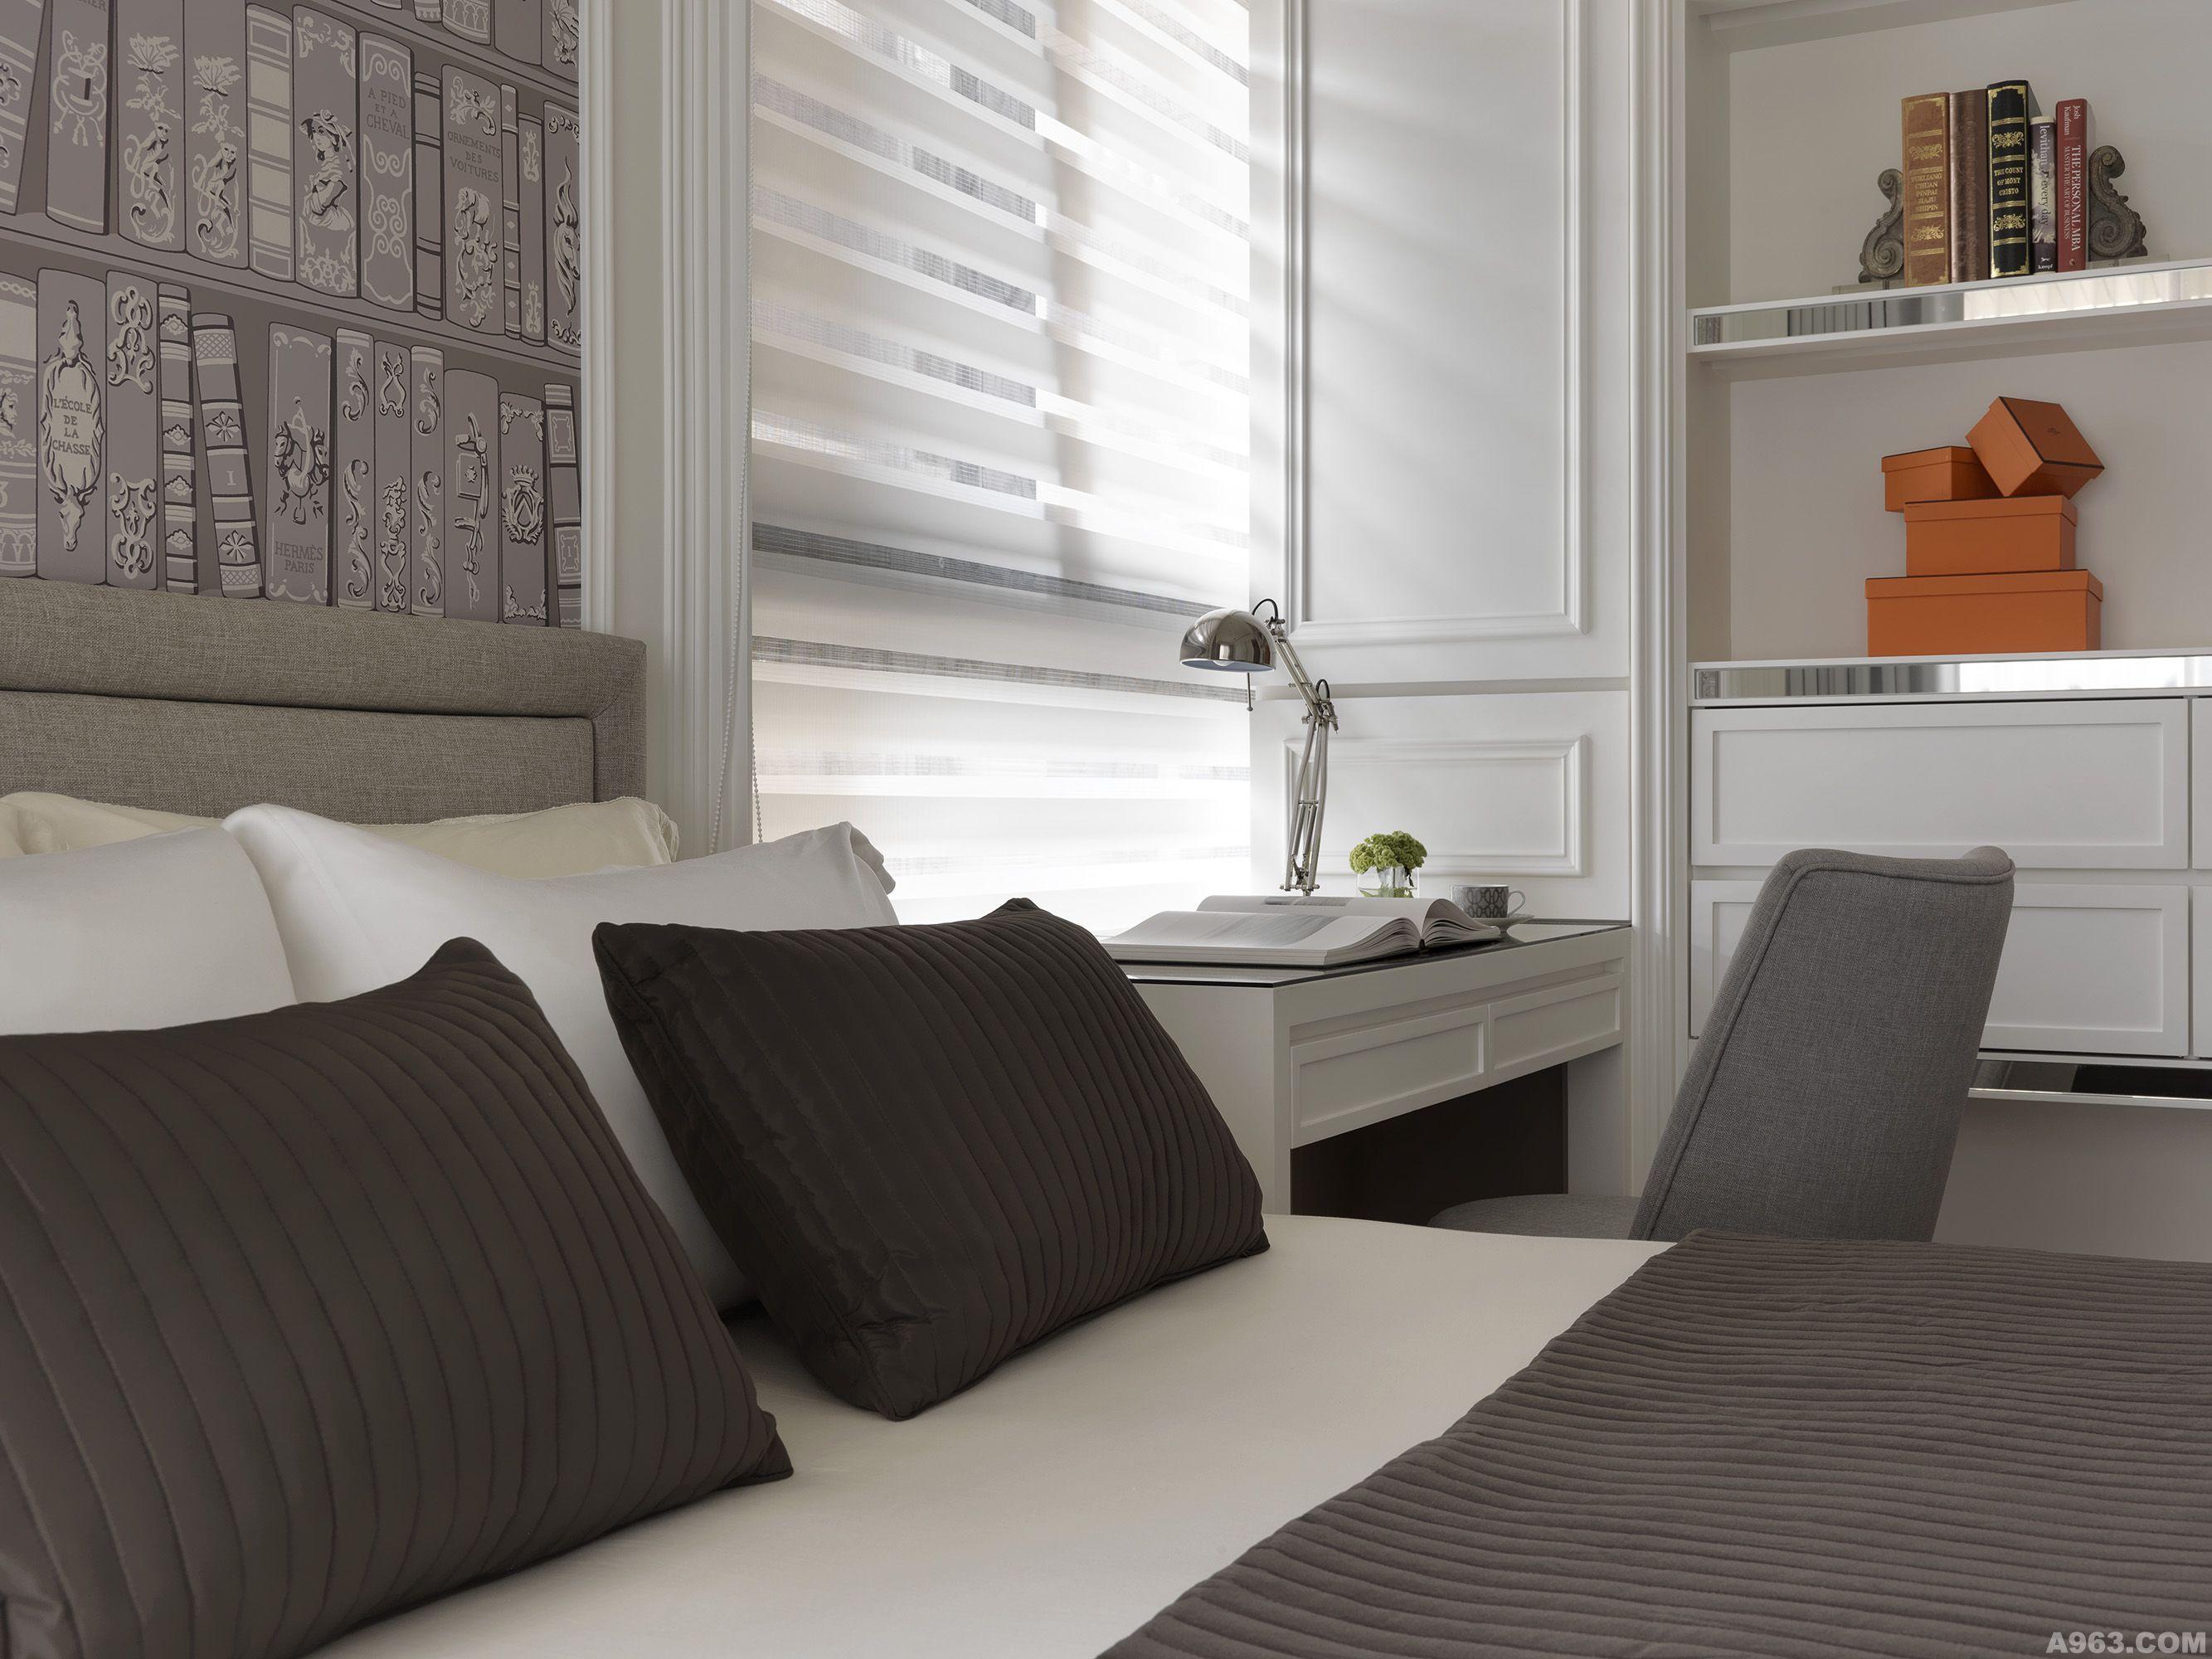 设计理念: 在中山北路上富有巴黎气息的香榭道路上,缤纷设计团队串连街景融合法国二零年代工艺文化精神打造兼具人文与感性的浪漫生活空间。客厅背墙以具有品牌精神的布艺裱框作为背景,彰显业主对于法国工艺所洗炼经典文化的追求,使用现代简洁家具线条兼容多元材质型式的建材,创造法式休闲的新古典空间,沙发上点缀黑色滚边、钛丝图腾抱枕与钢烤技术时尚造型的圆桌,带出奢华、优雅的视觉享受;展示柜内色彩饱和、质感典雅的精品旅游画卡,透露屋主本身丰厚的人文质感品味;在空间配置的中心位置,摆设开放式中岛吧台,结合长型方型餐桌具环绕动